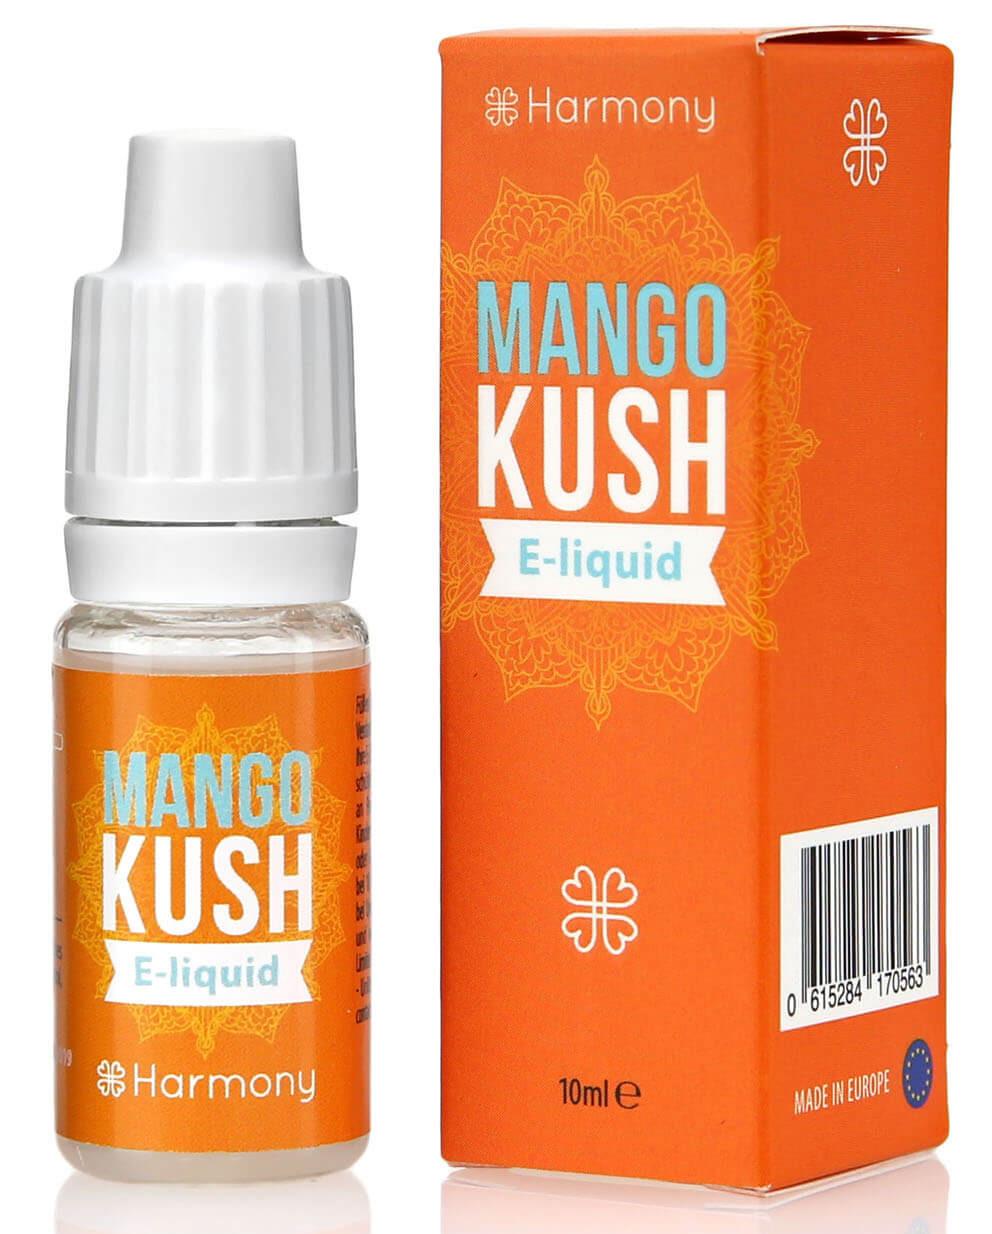 Harmony CBD-Liquid Mango Kush 10ml